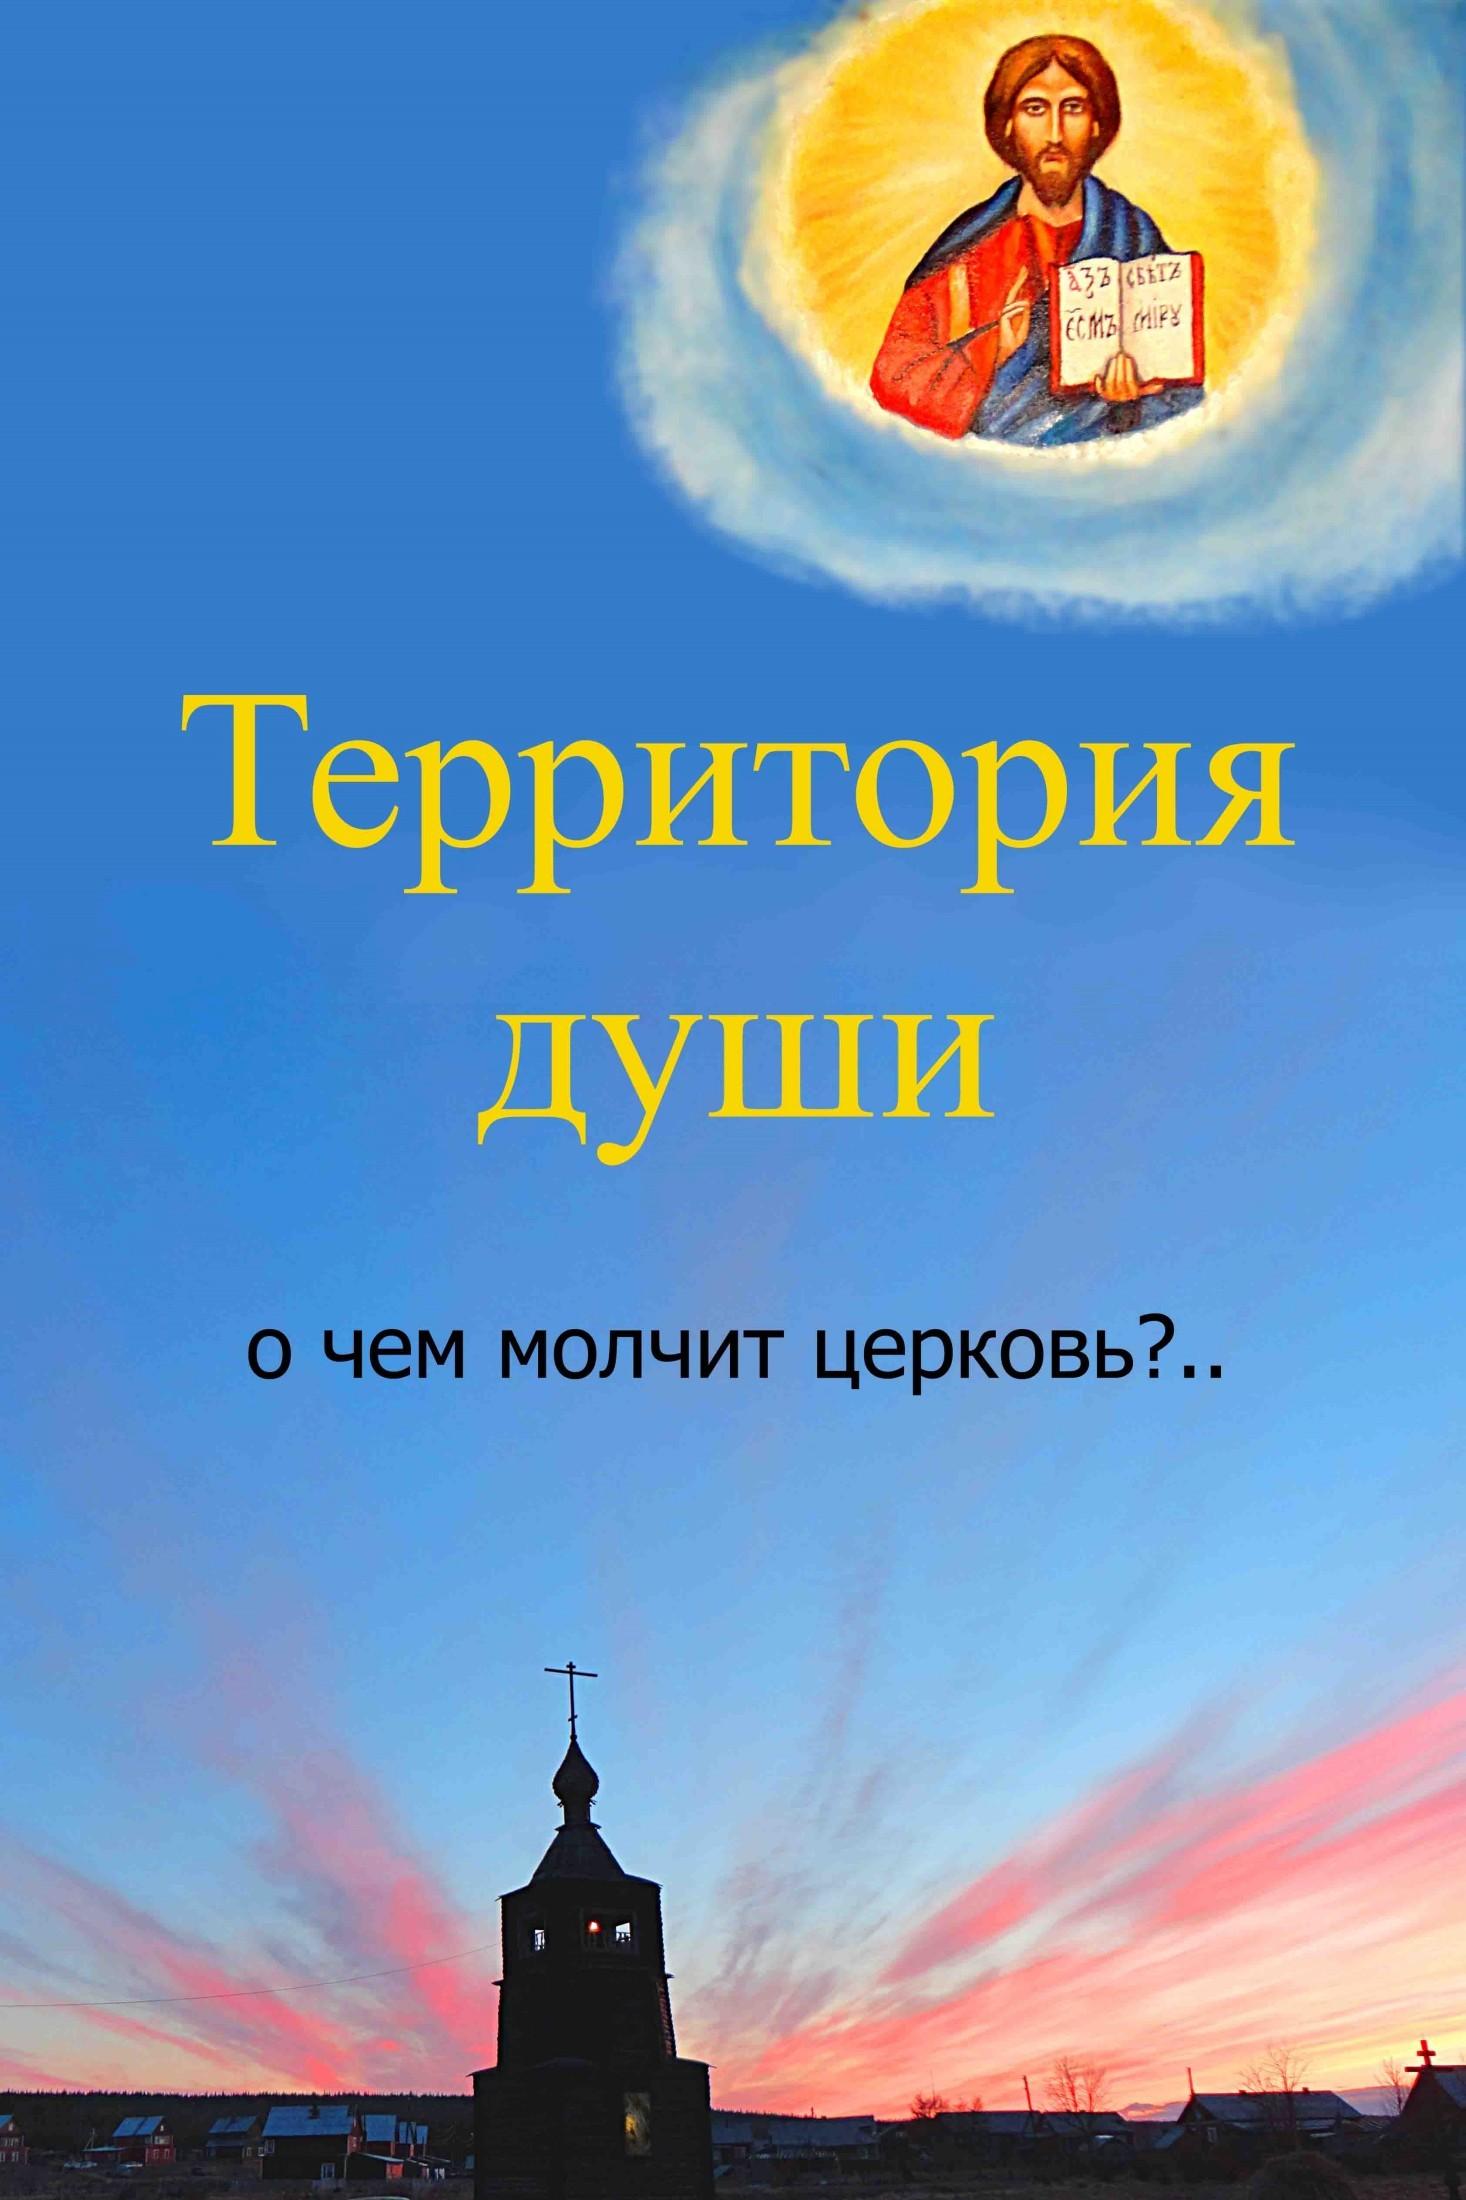 Купить книгу Территория души. О чем молчит церковь?, автора Вячеслава Бессмертного